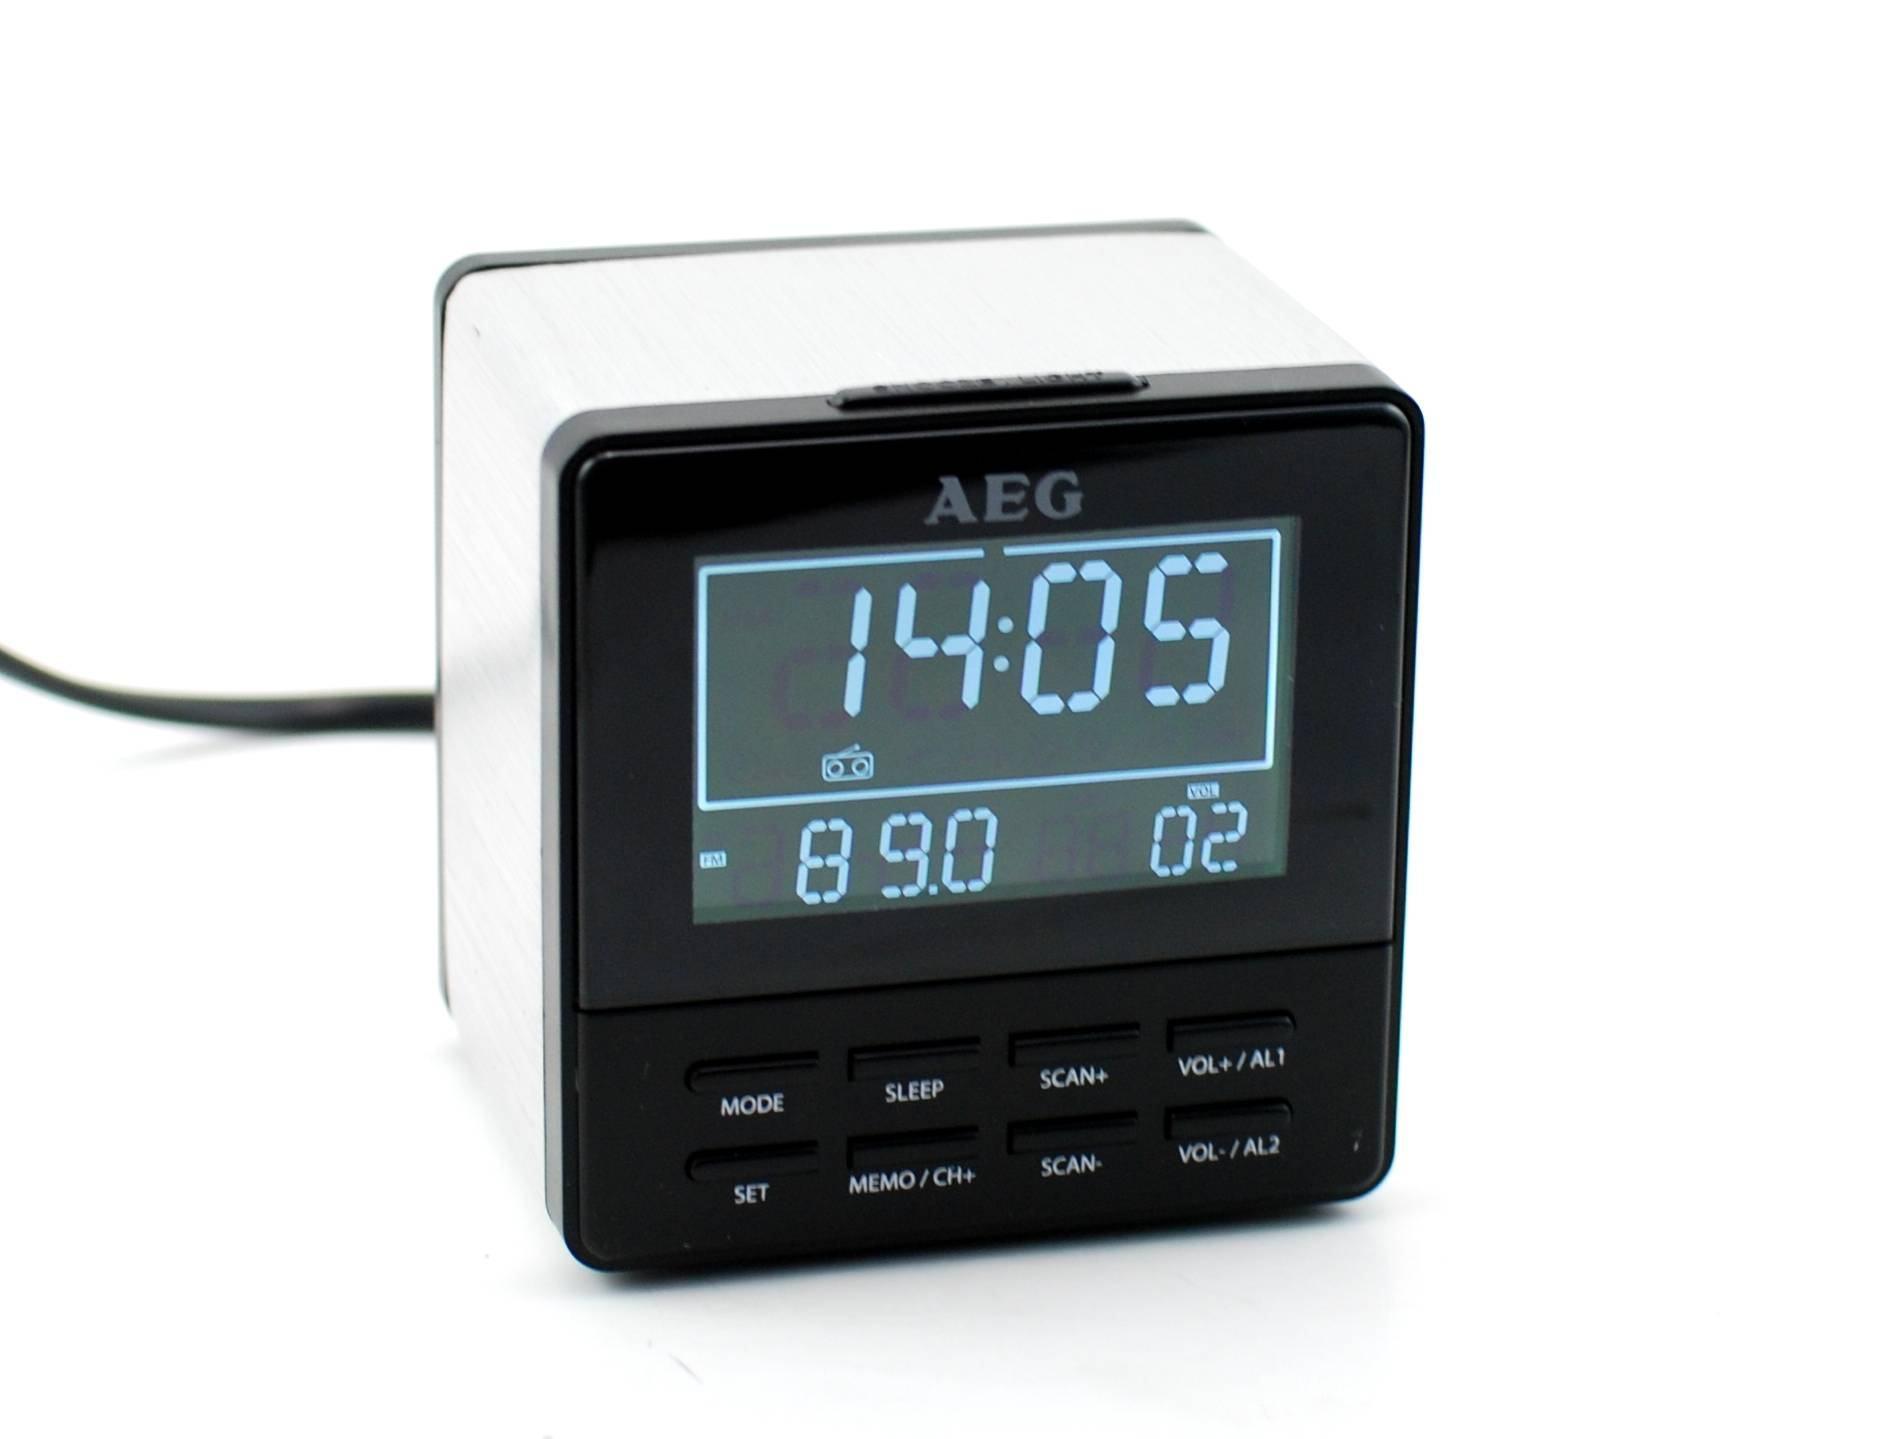 Ceas cu lumina permanenta LED, alarma si radio FM, design deosebit - AEG MINI CUB